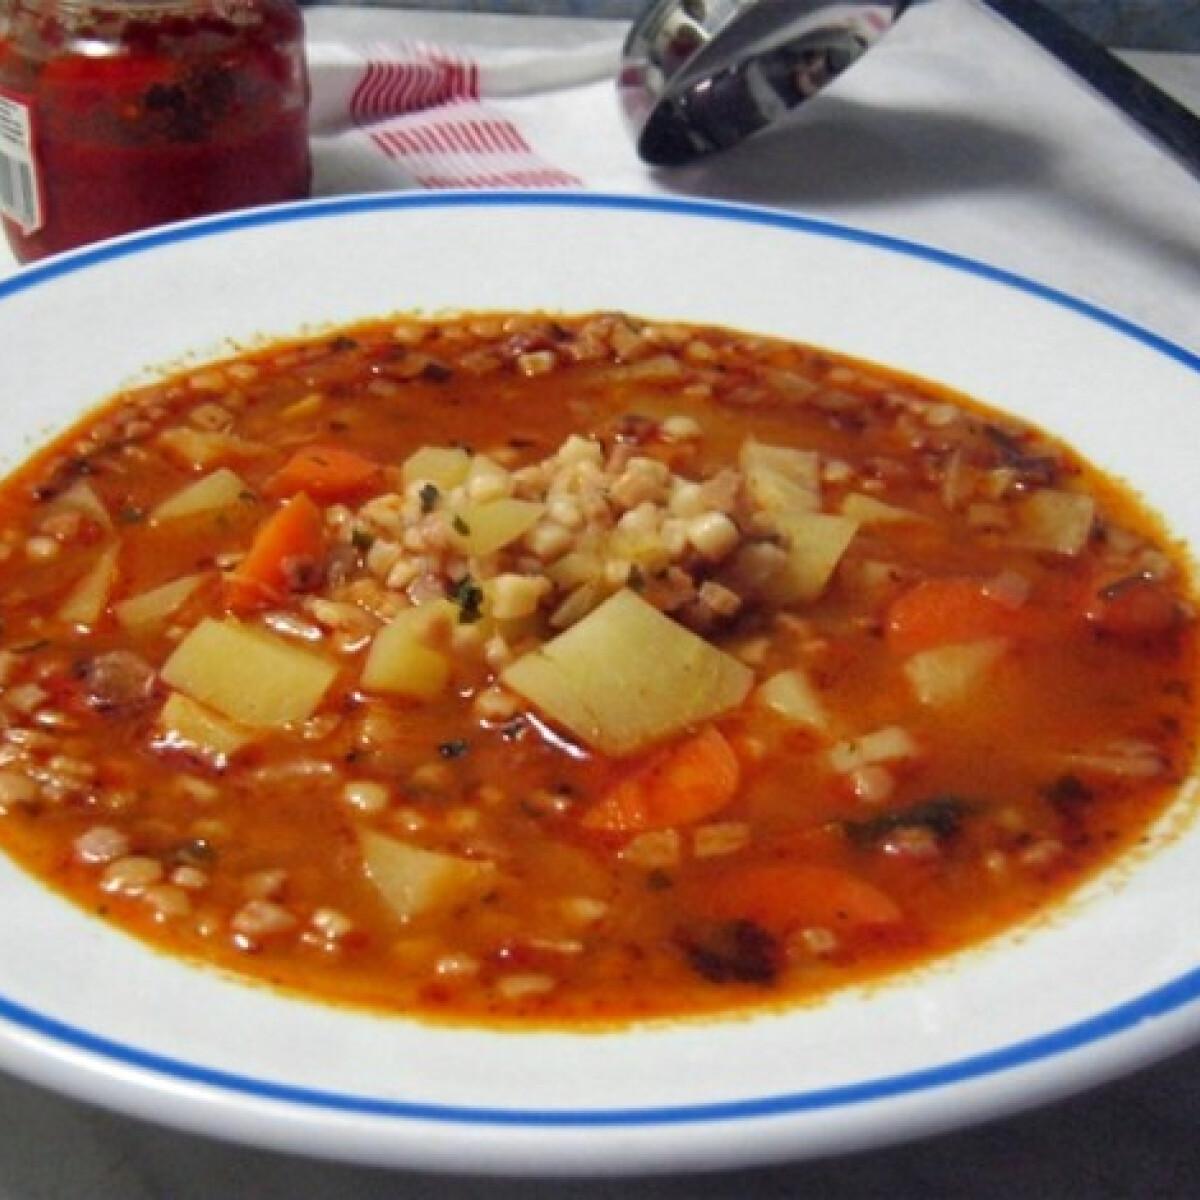 Ezen a képen: Tarhonyaleves zöldséggel Iluska konyhájából